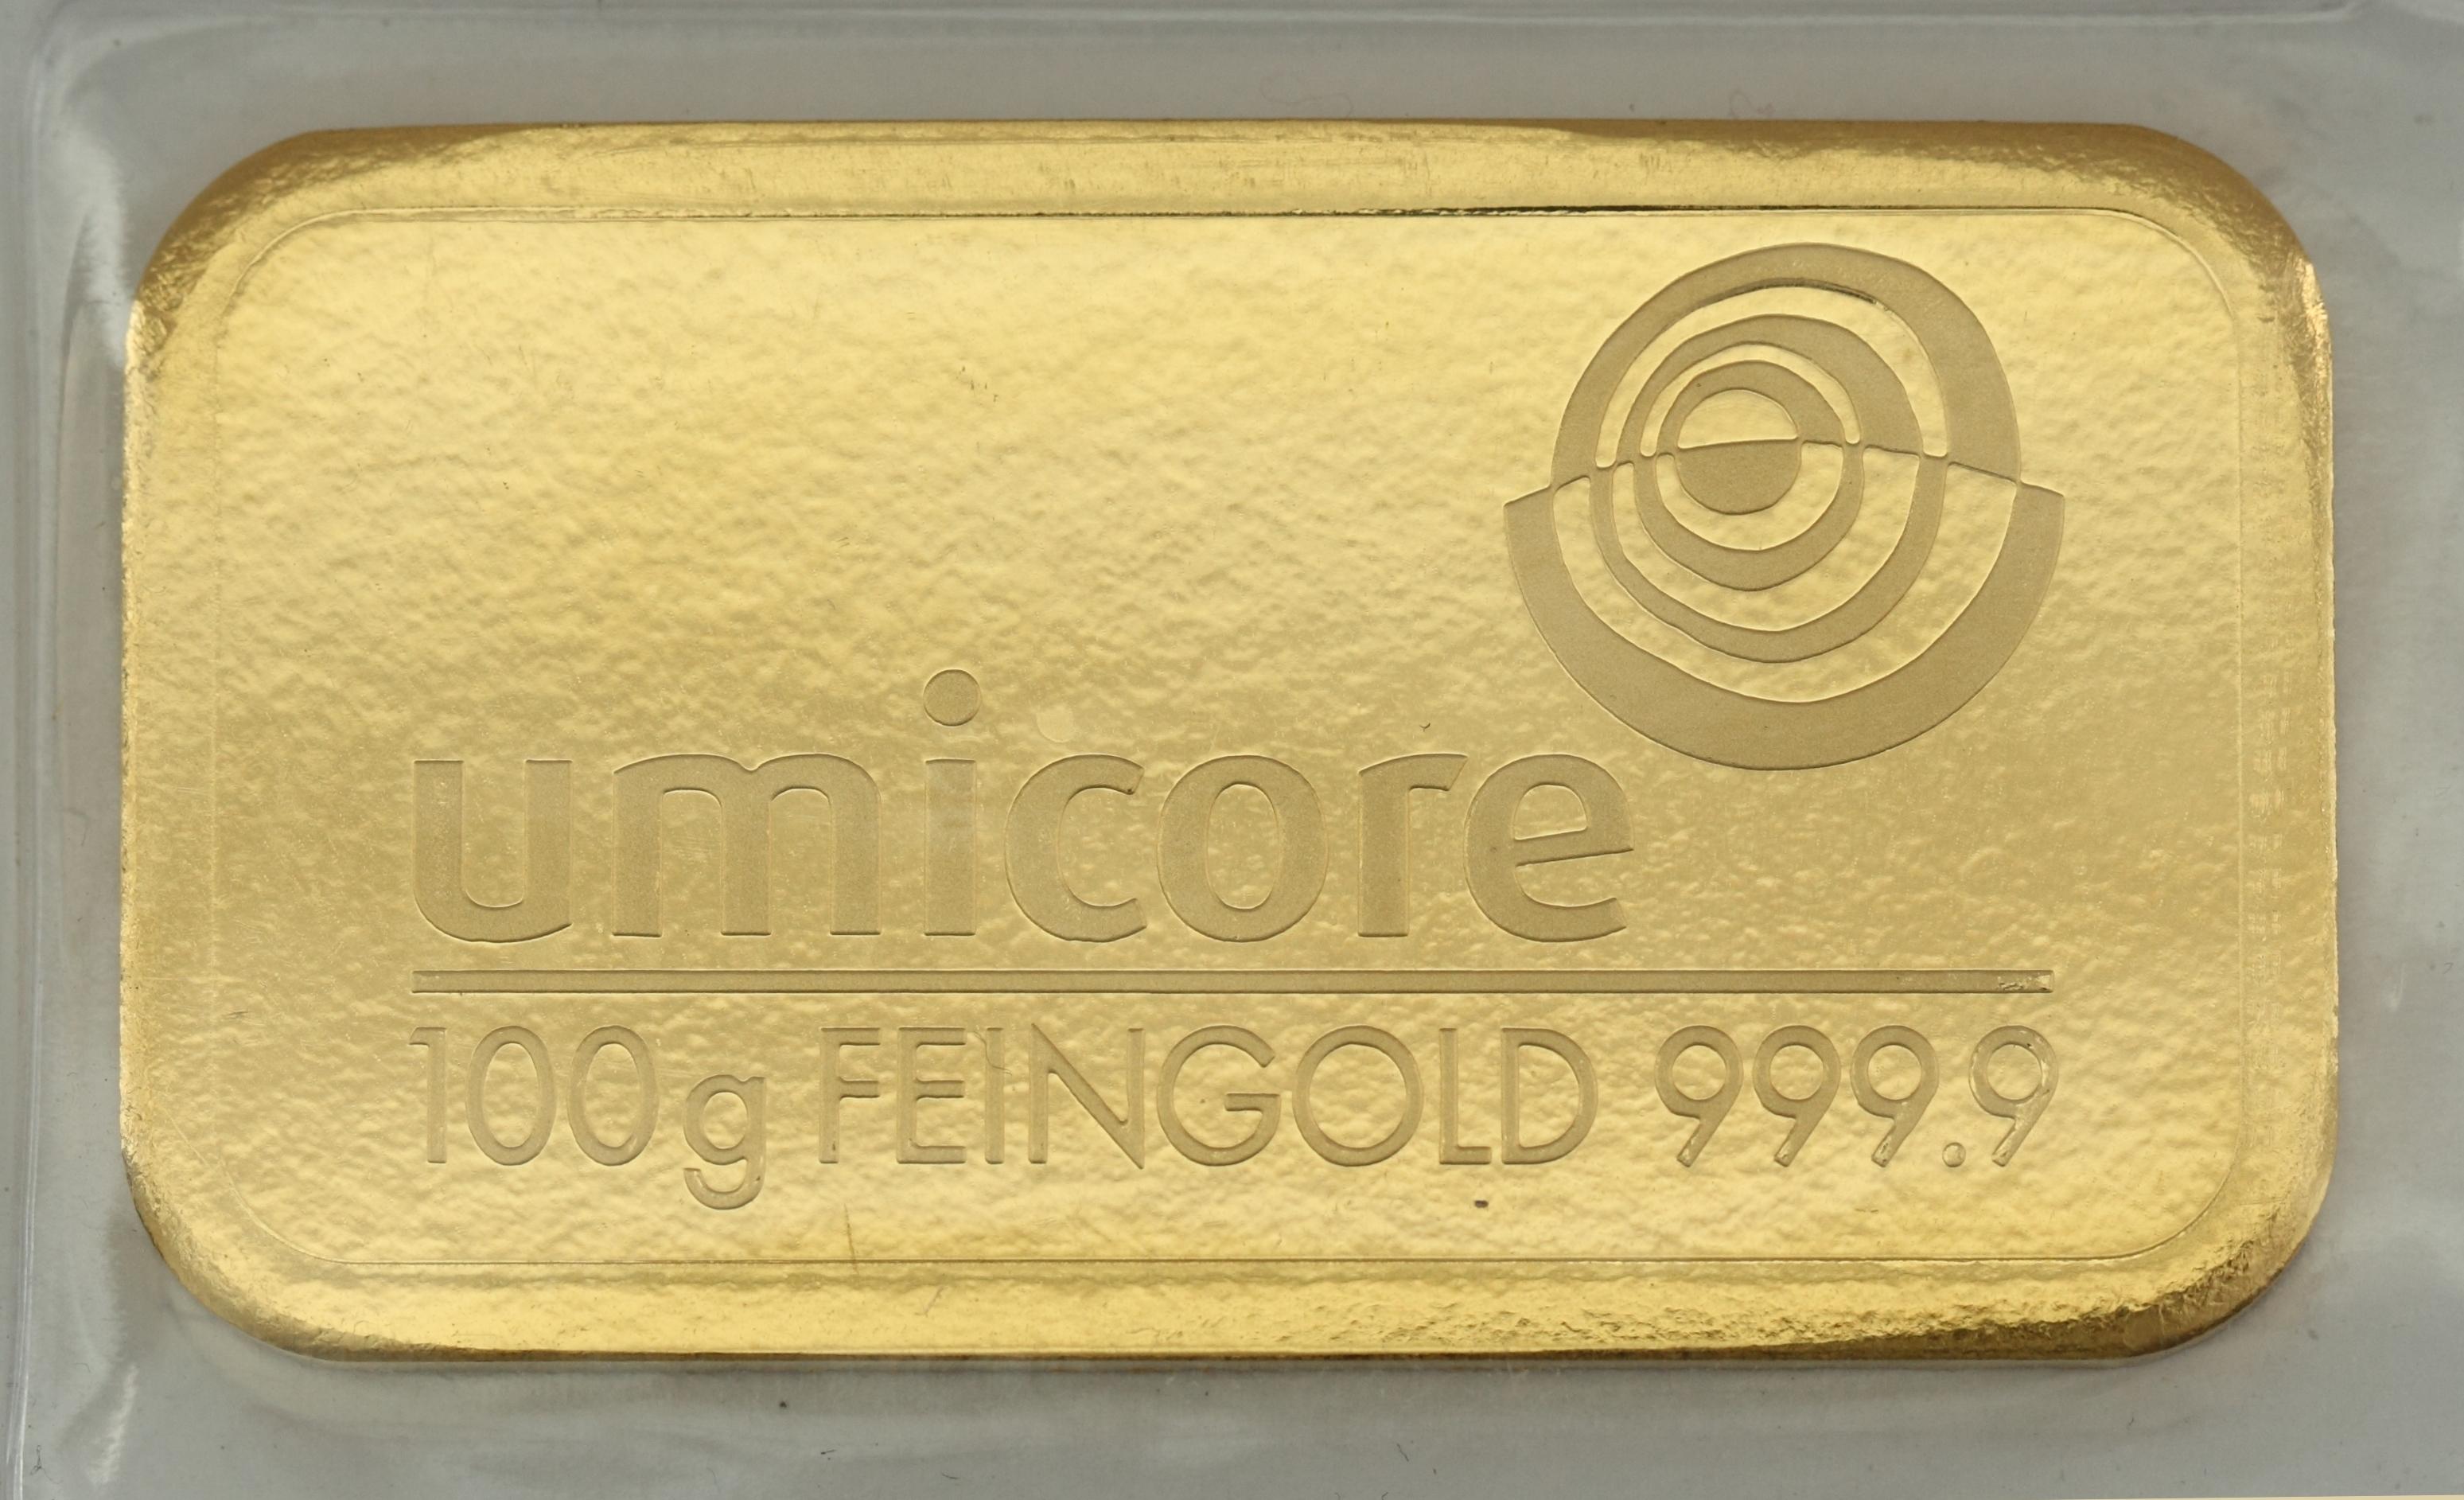 100 Gramm Feingold.jpg